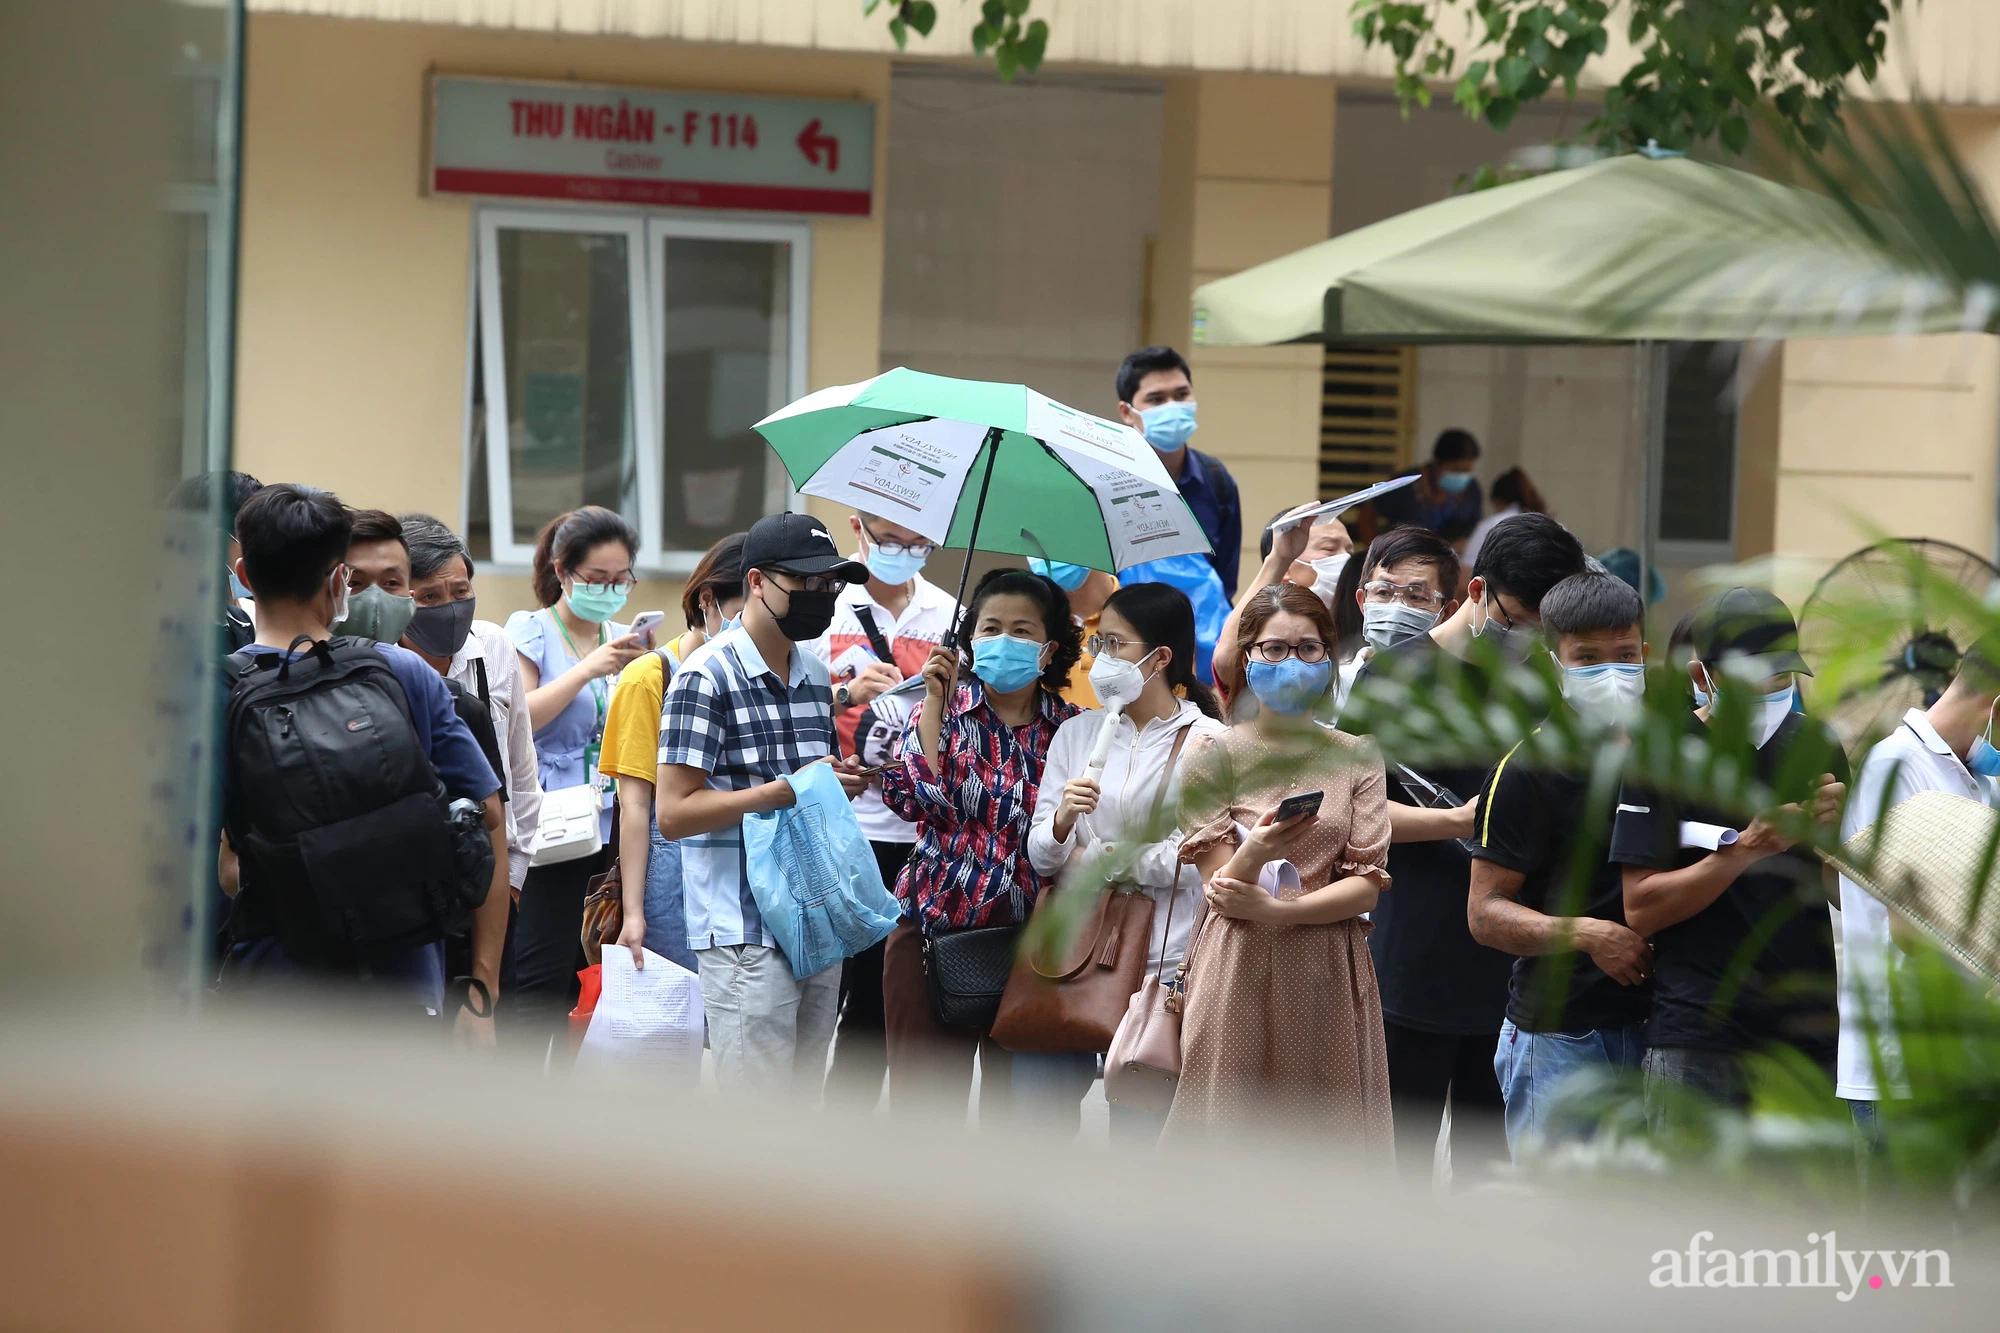 Bí thư Hà Nội chỉ đạo nóng: Dừng ngay điểm tiêm vaccine tại Bệnh viện E do tập trung đông người - ảnh 1